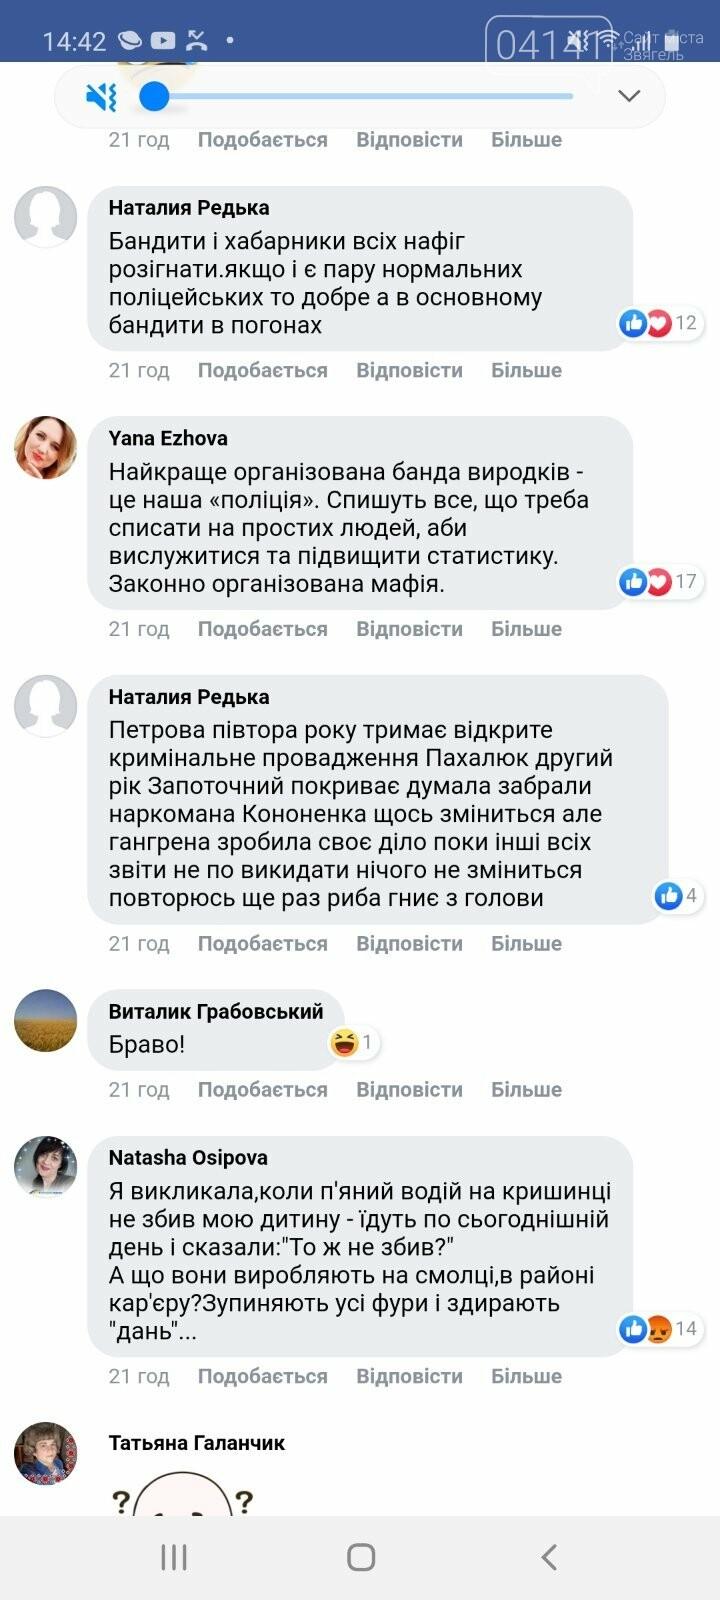 """Що думають новоград-волинці про """"першіcь"""" місцевого відділу поліції в області: (Скріни з коментарями), фото-3"""